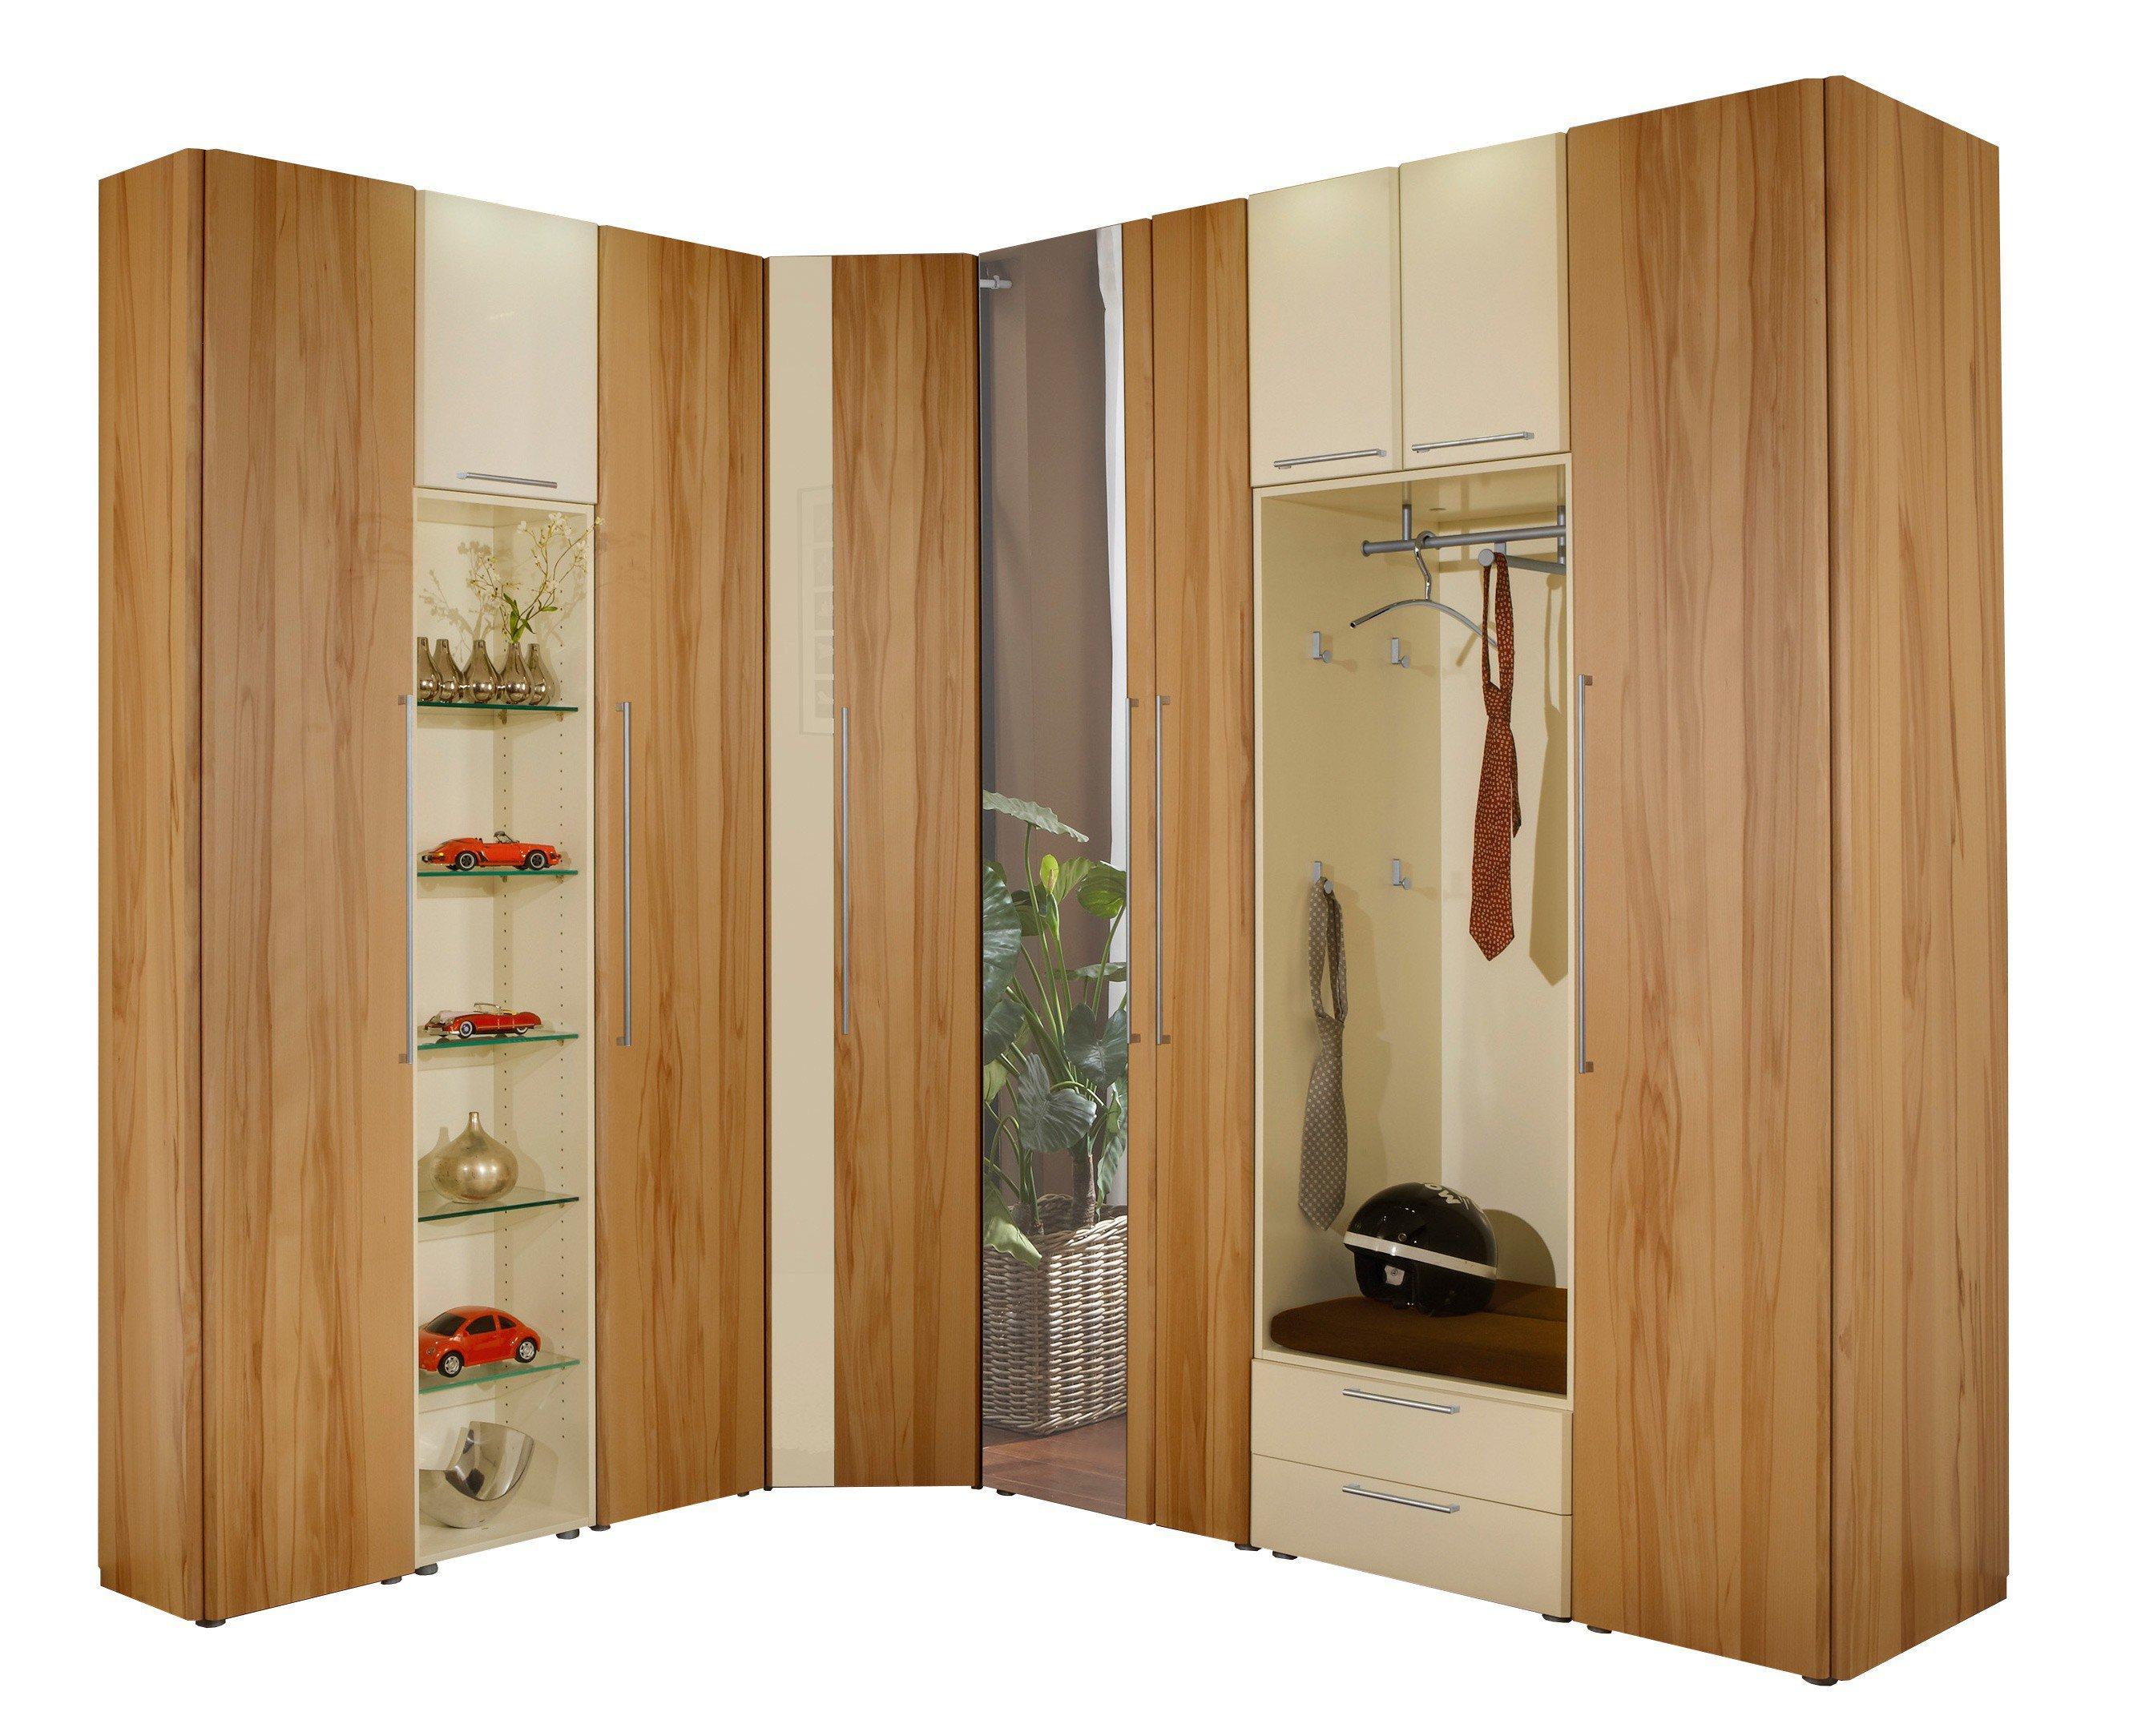 garderobe en tree set 4 von wittenbreder m bel letz ihr online shop. Black Bedroom Furniture Sets. Home Design Ideas